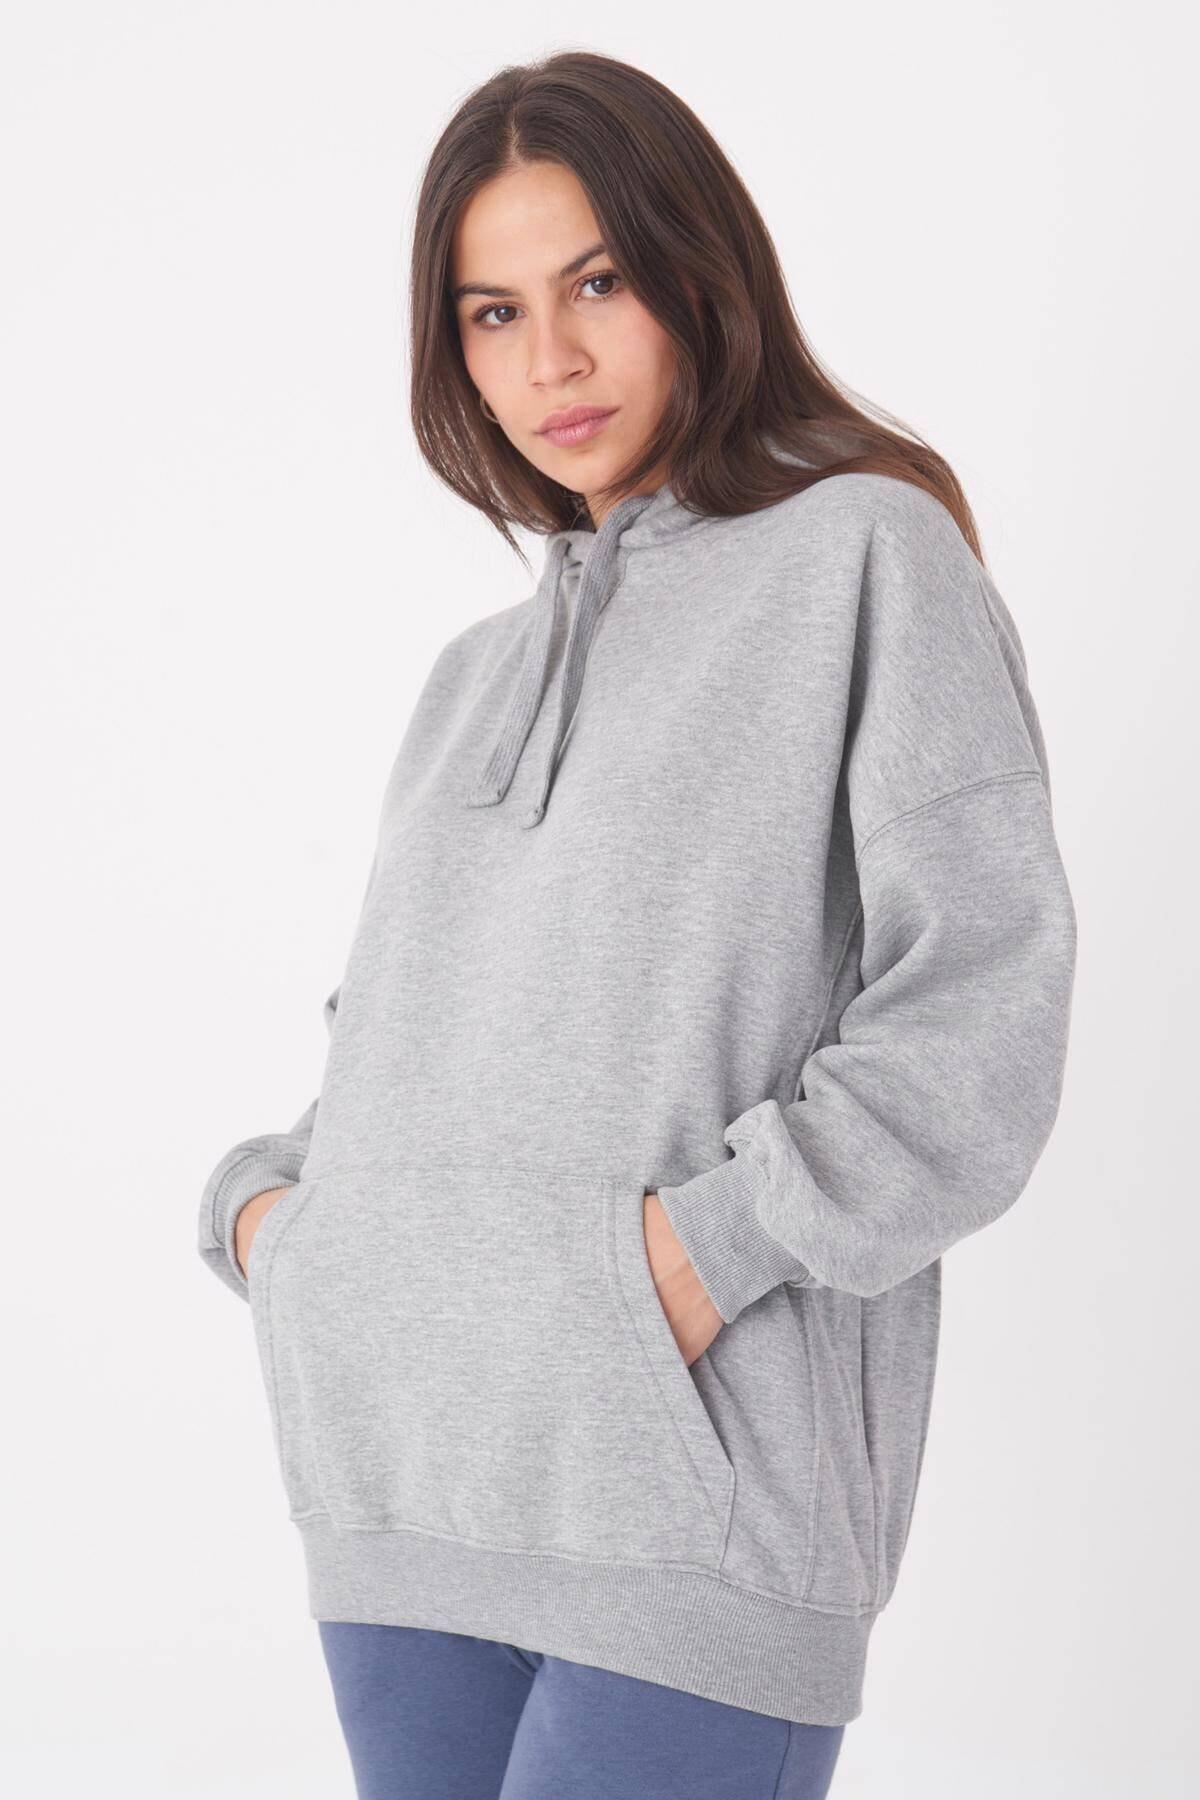 Addax Kadın Gri Melanj Kapüşonlu Sweatshirt S0519 - P10 - V2 ADX-0000014040 2